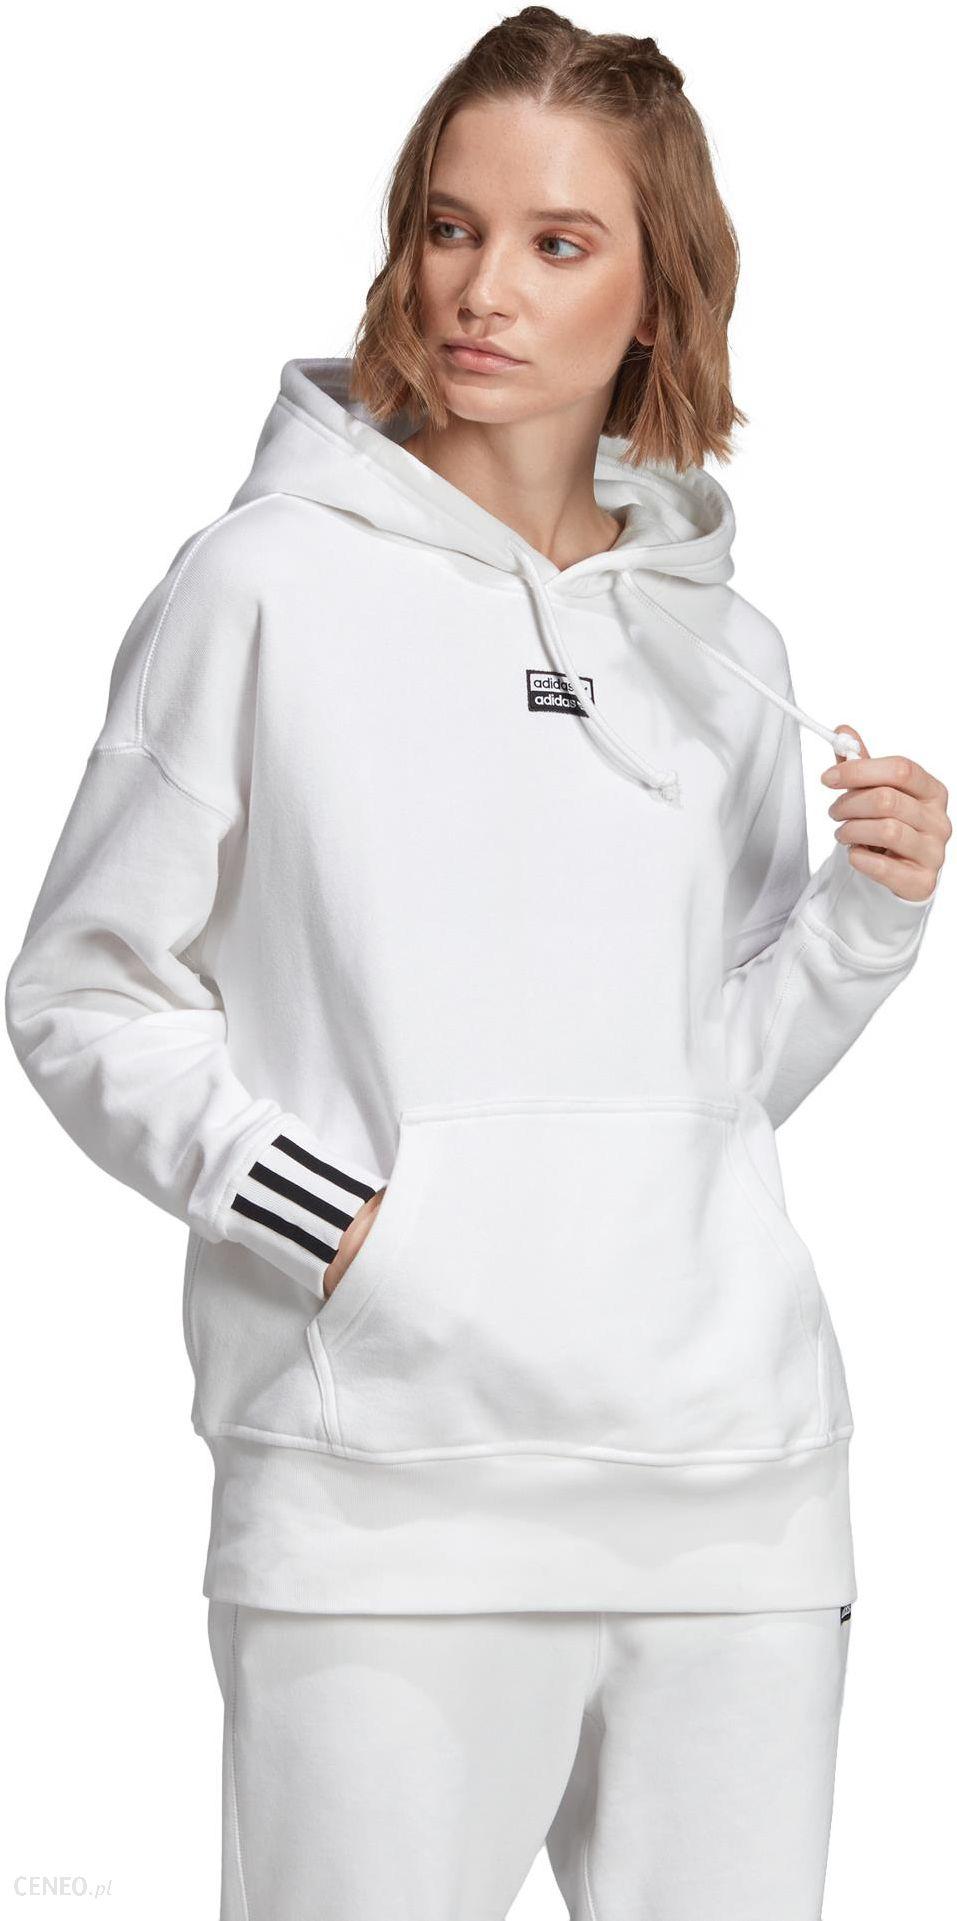 Adidas Originals Bluza Biały 42 Ceny i opinie Ceneo.pl